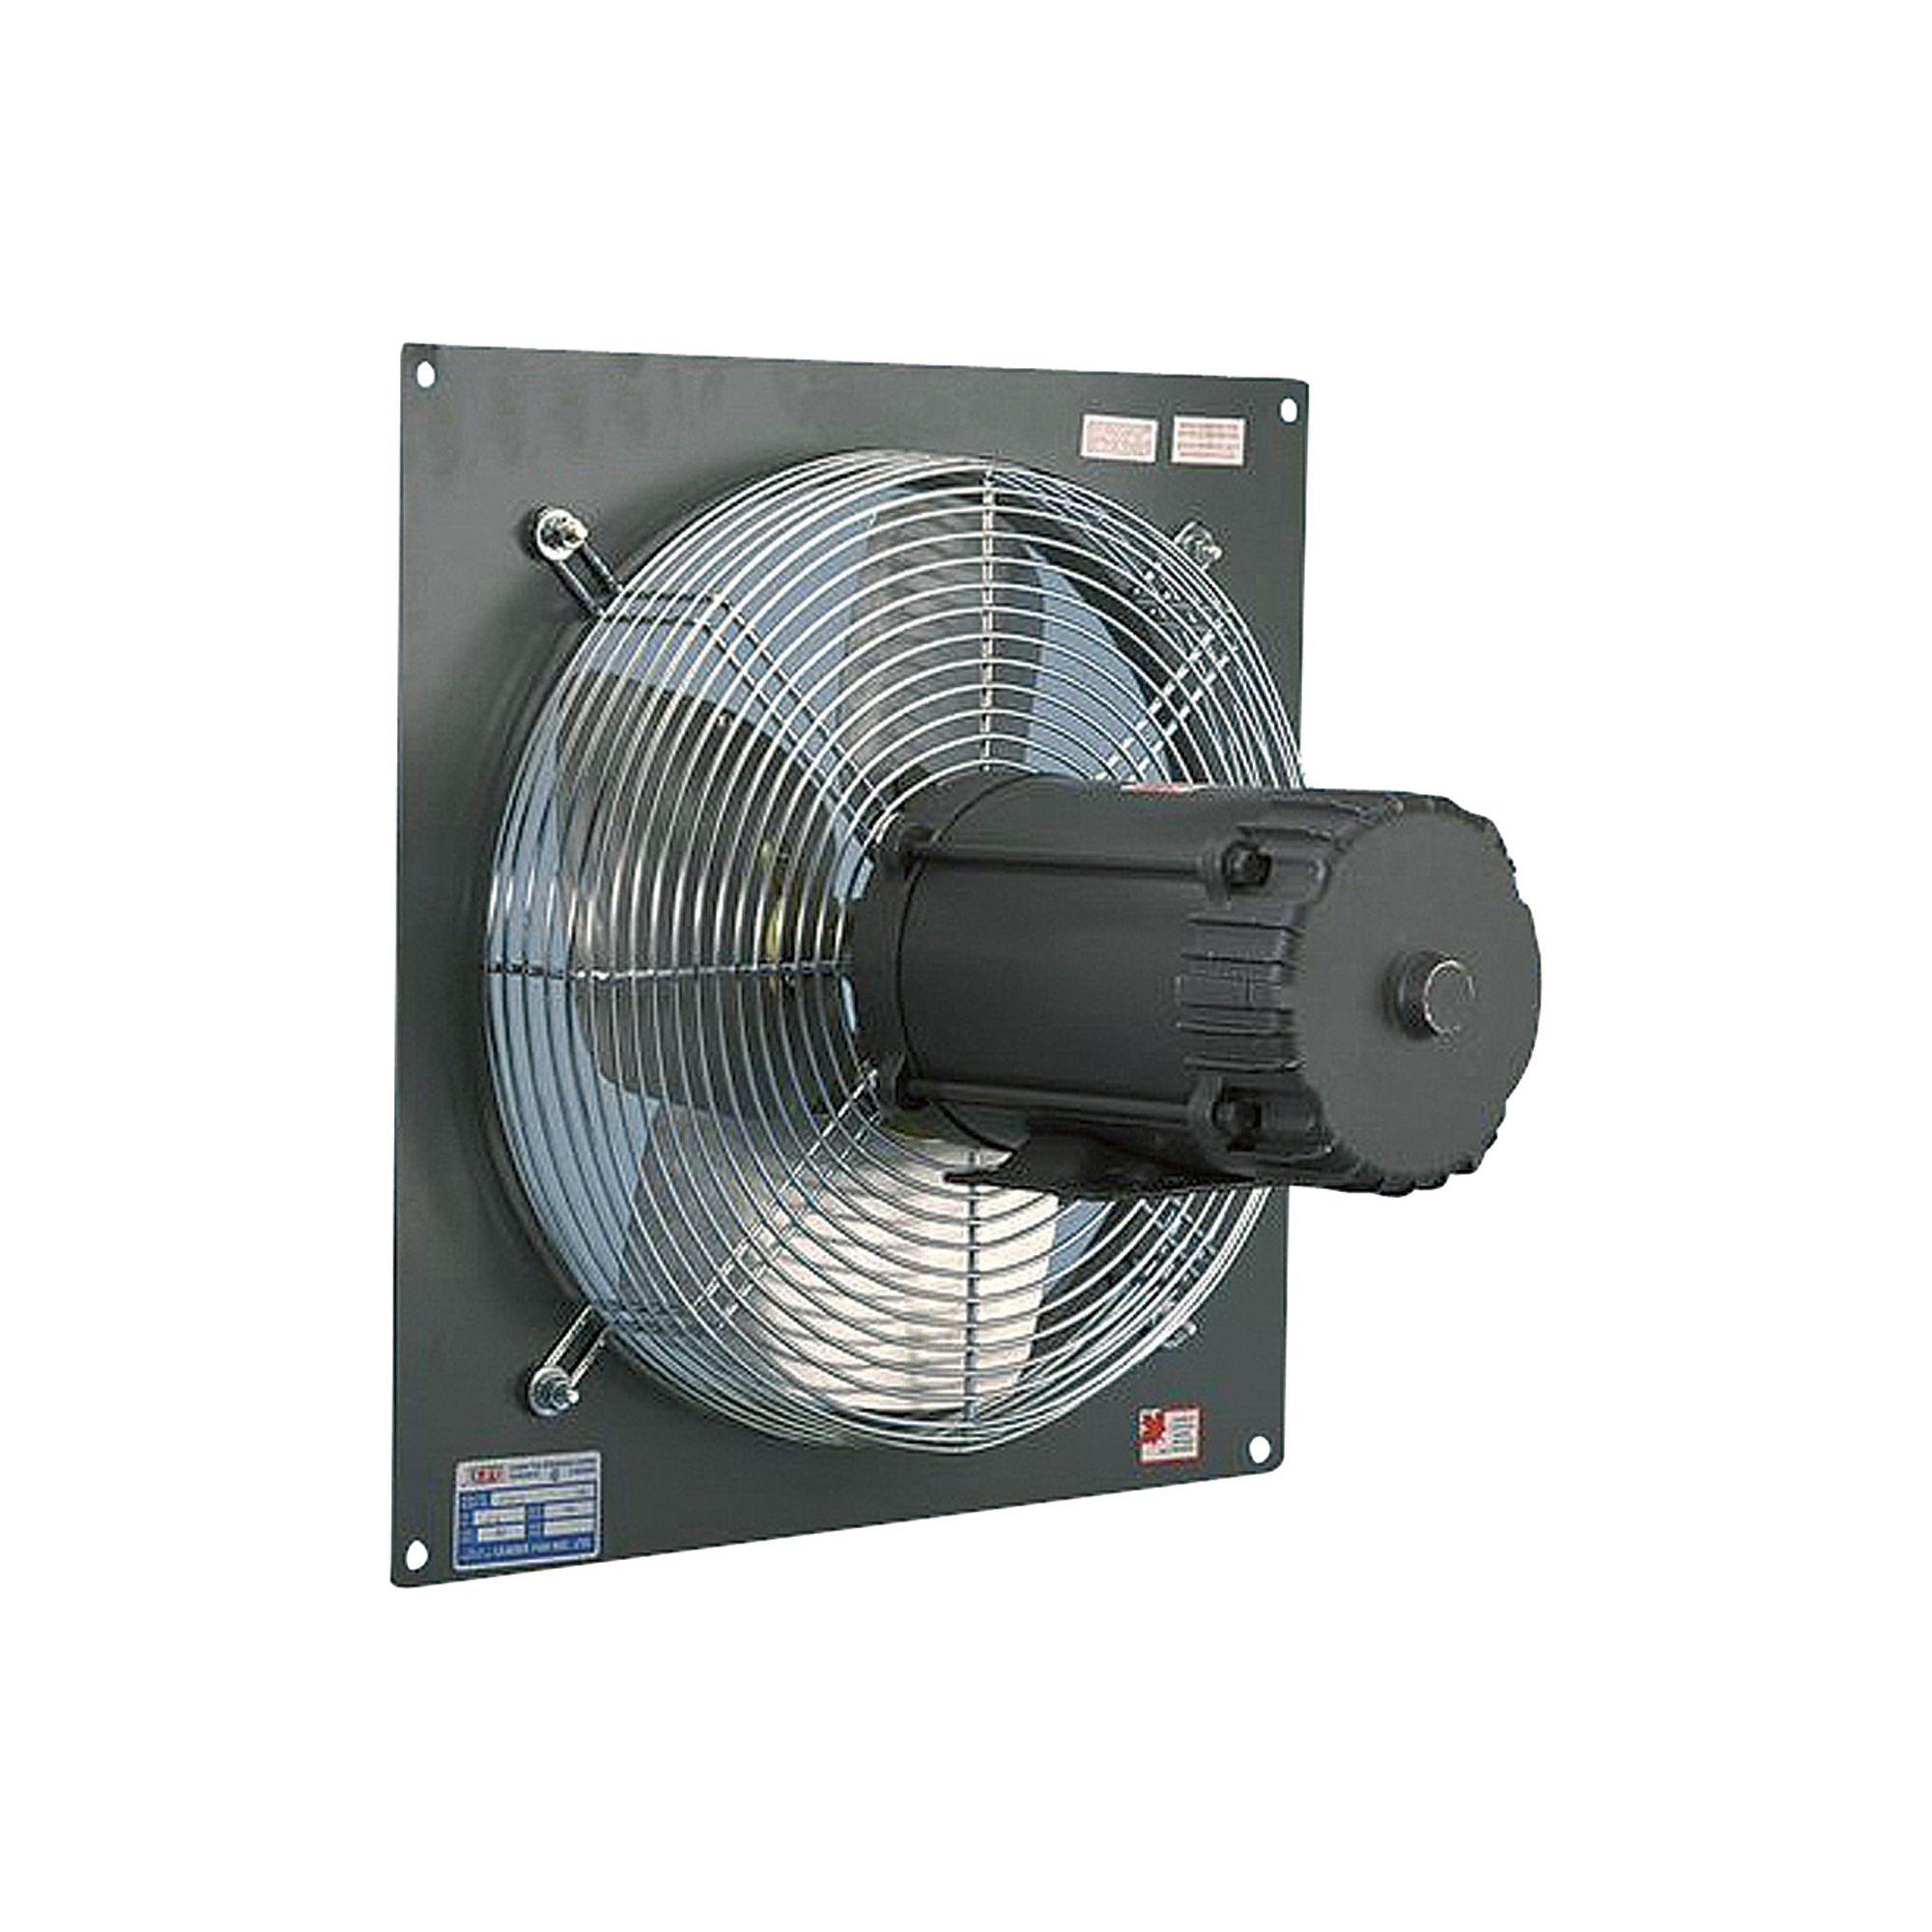 Canarm Explosion Proof Single Speed Exhaust Fan 24in 1 3 Hp 5 520 Cfm Model P24 4 In 2020 Exhaust Fan Exhaust Fan Kitchen Fan